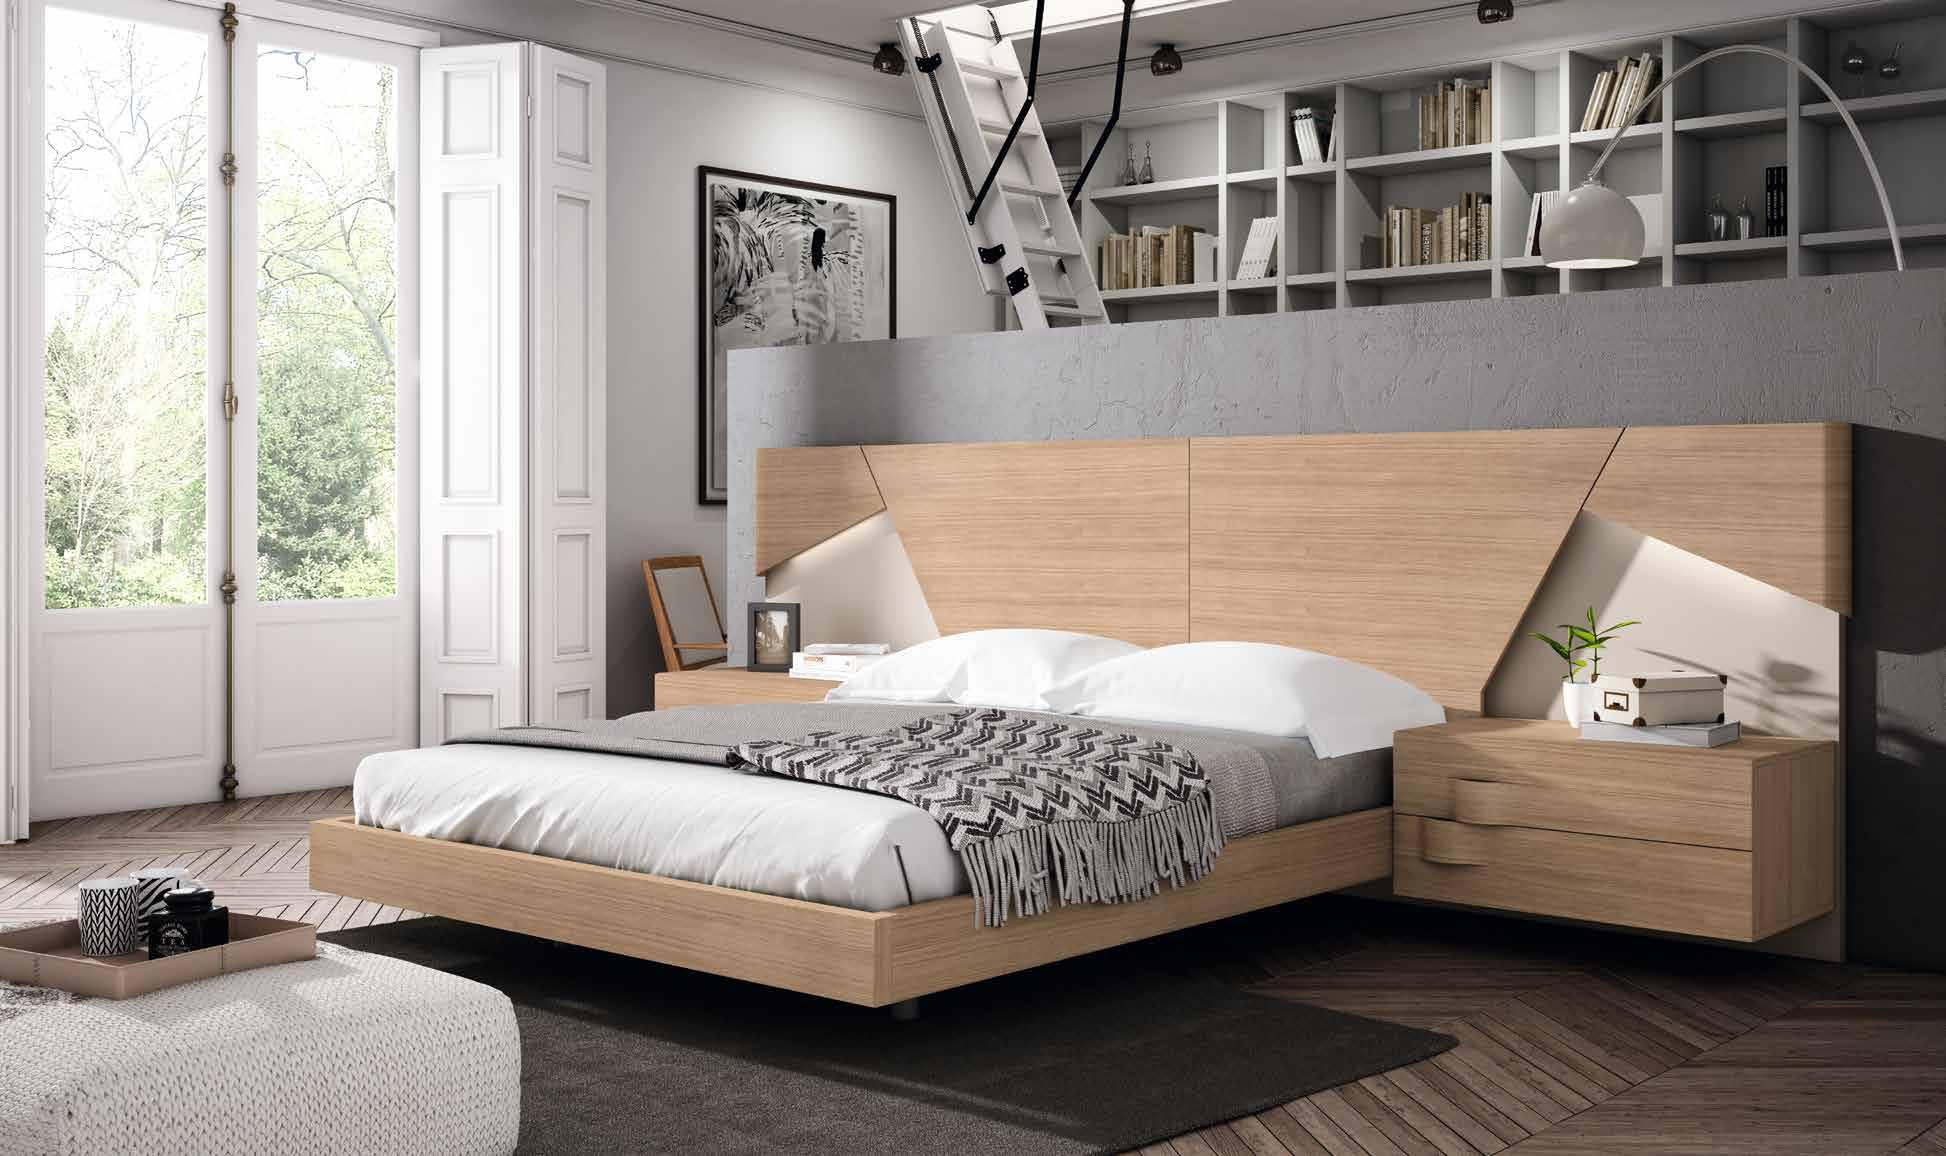 moderno-1-Grafica-muebles-paco-caballero-720-5c93e03dc2c7b